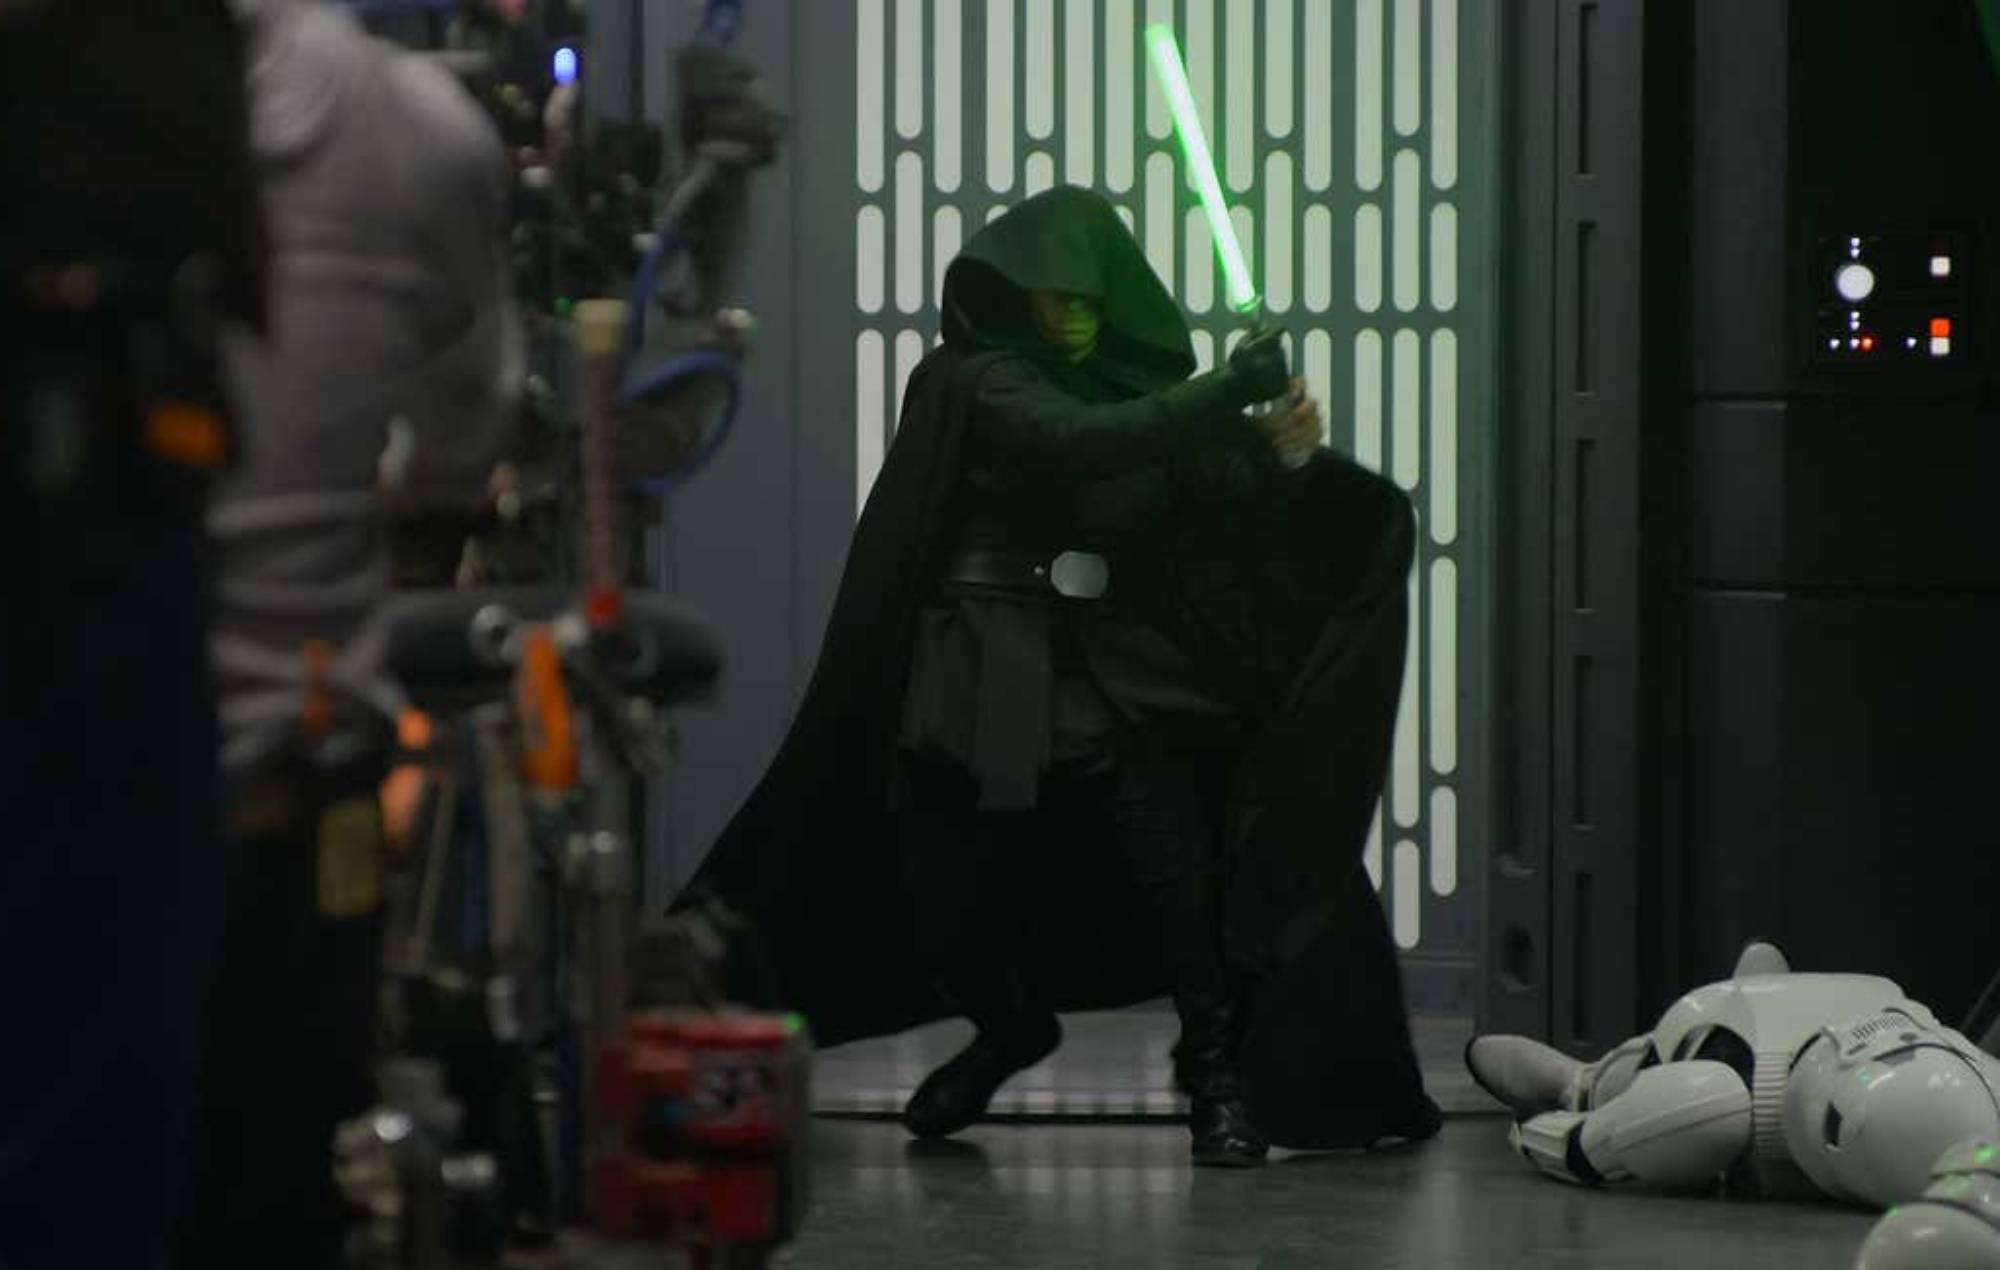 Luke Skywalker in The Mandalorian